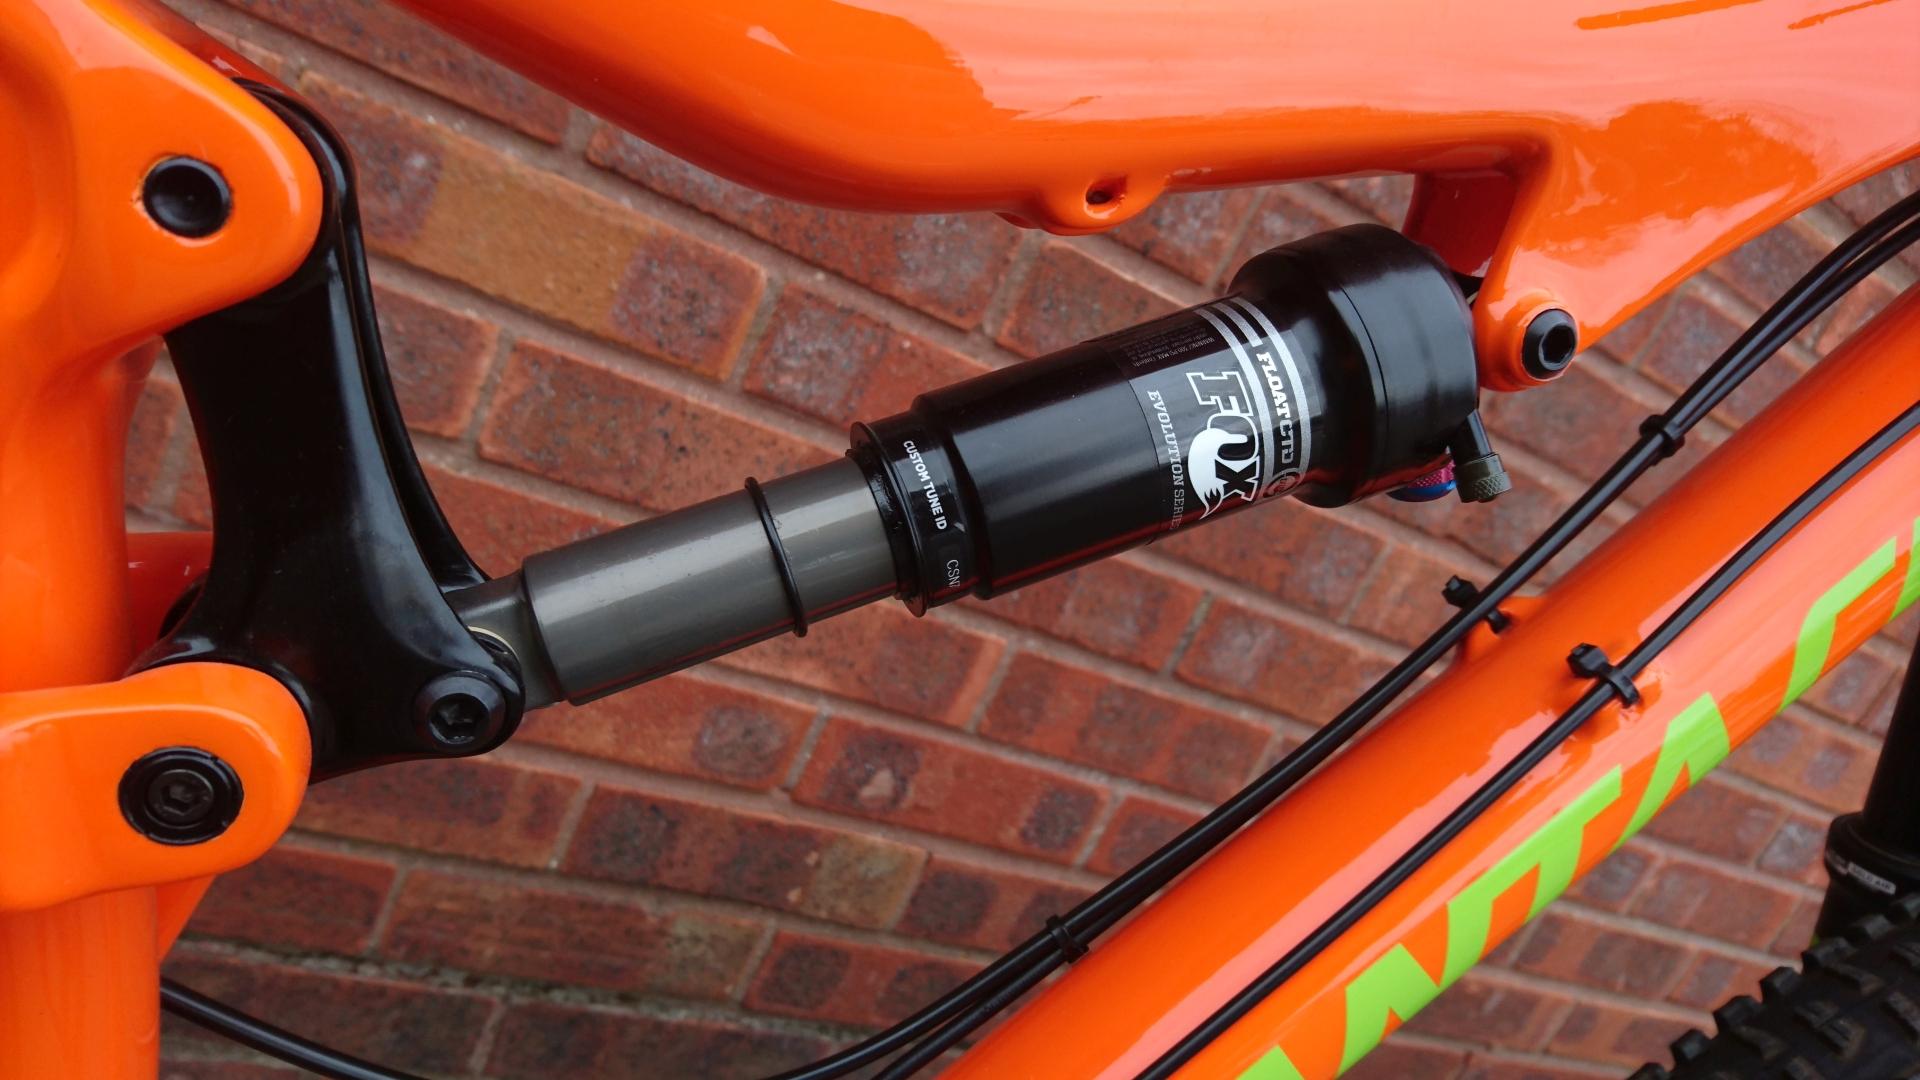 Santa Cruz 5010 C Carbon Mens Full-Suspension Mountain Bike